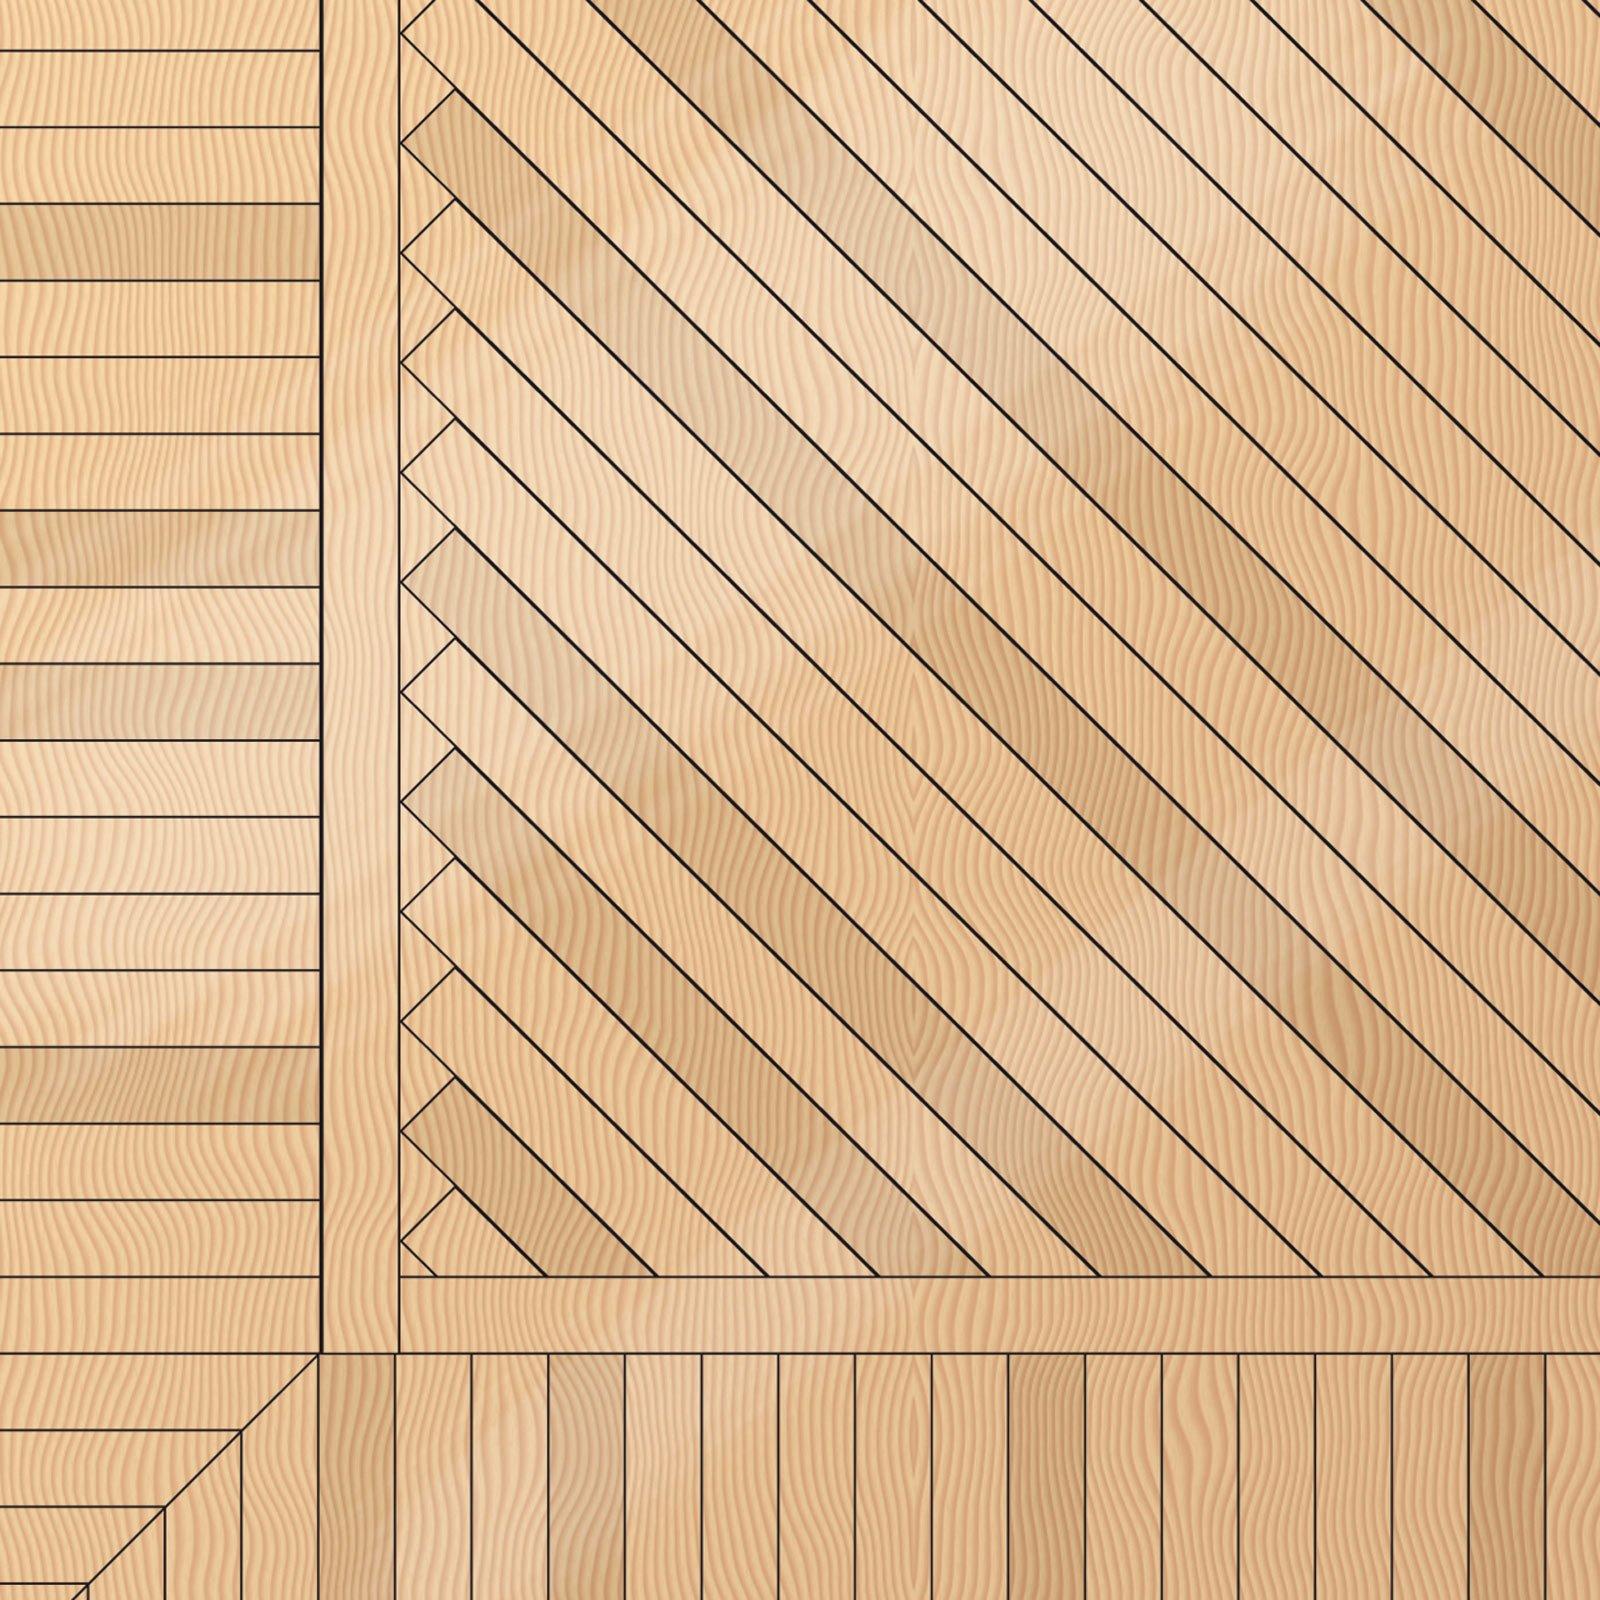 Parquet geometrie e tipi di posa cose di casa - Schemi di posa piastrelle rettangolari ...